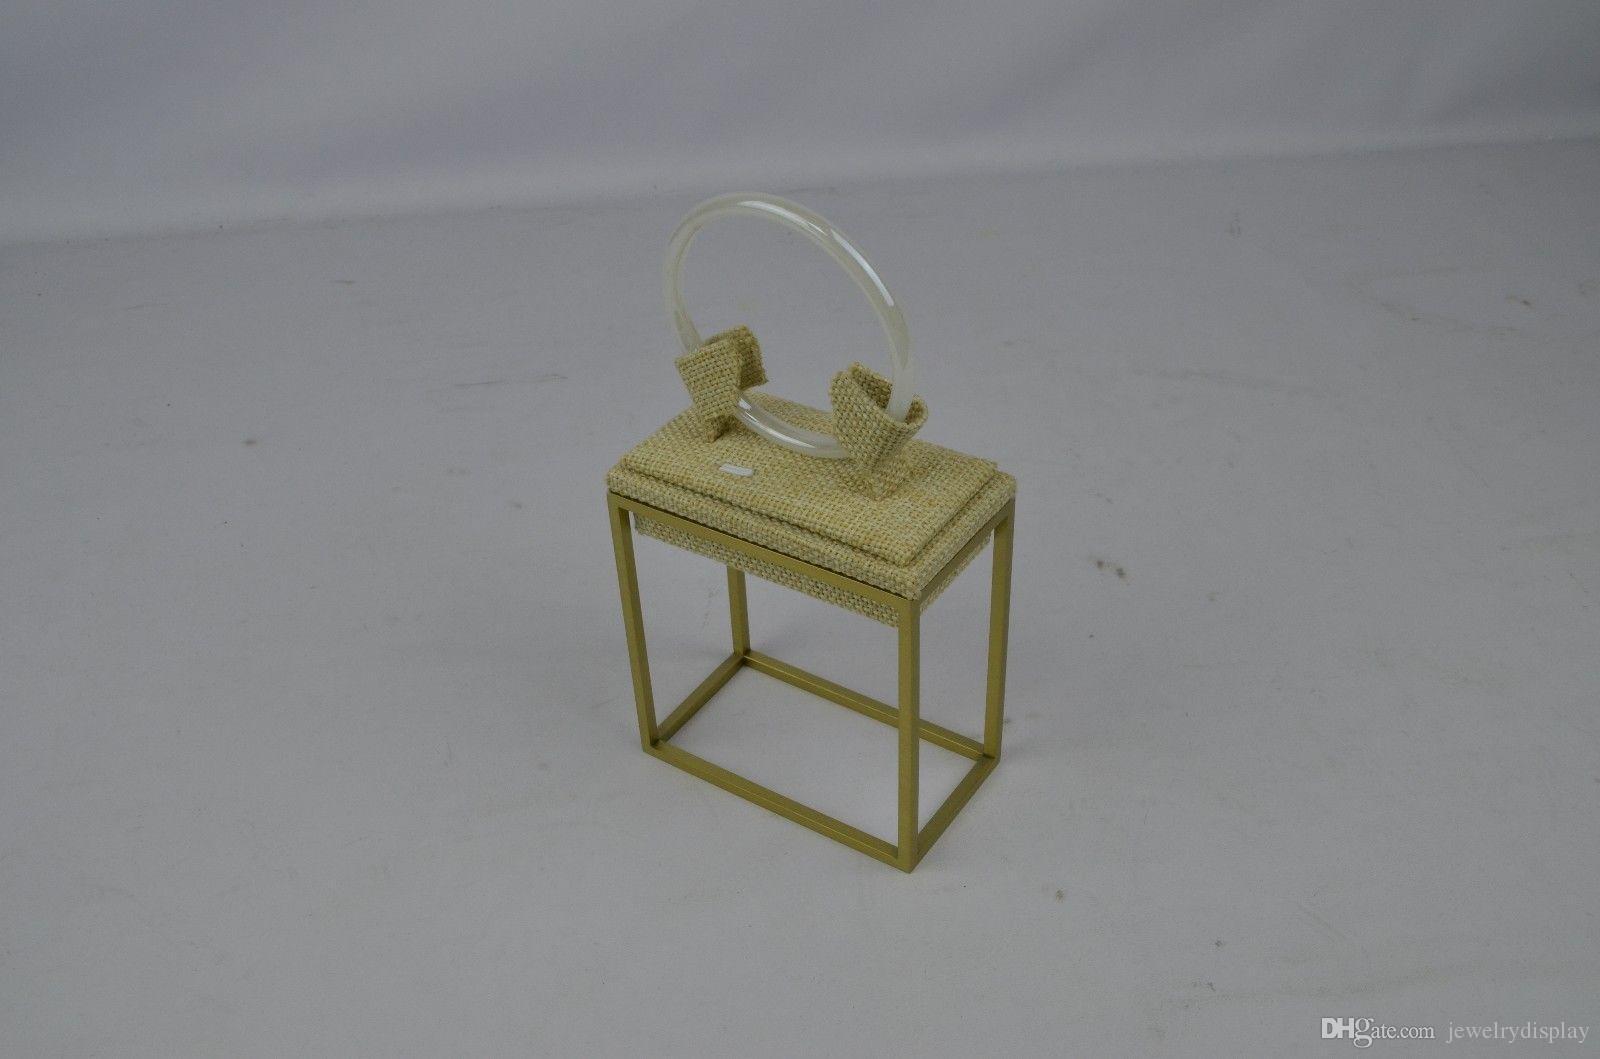 الفولاذ المقاوم للصدأ المعادن PVD مطلي عرض المجوهرات حامل التجزئة الإسورة كليب الناهض